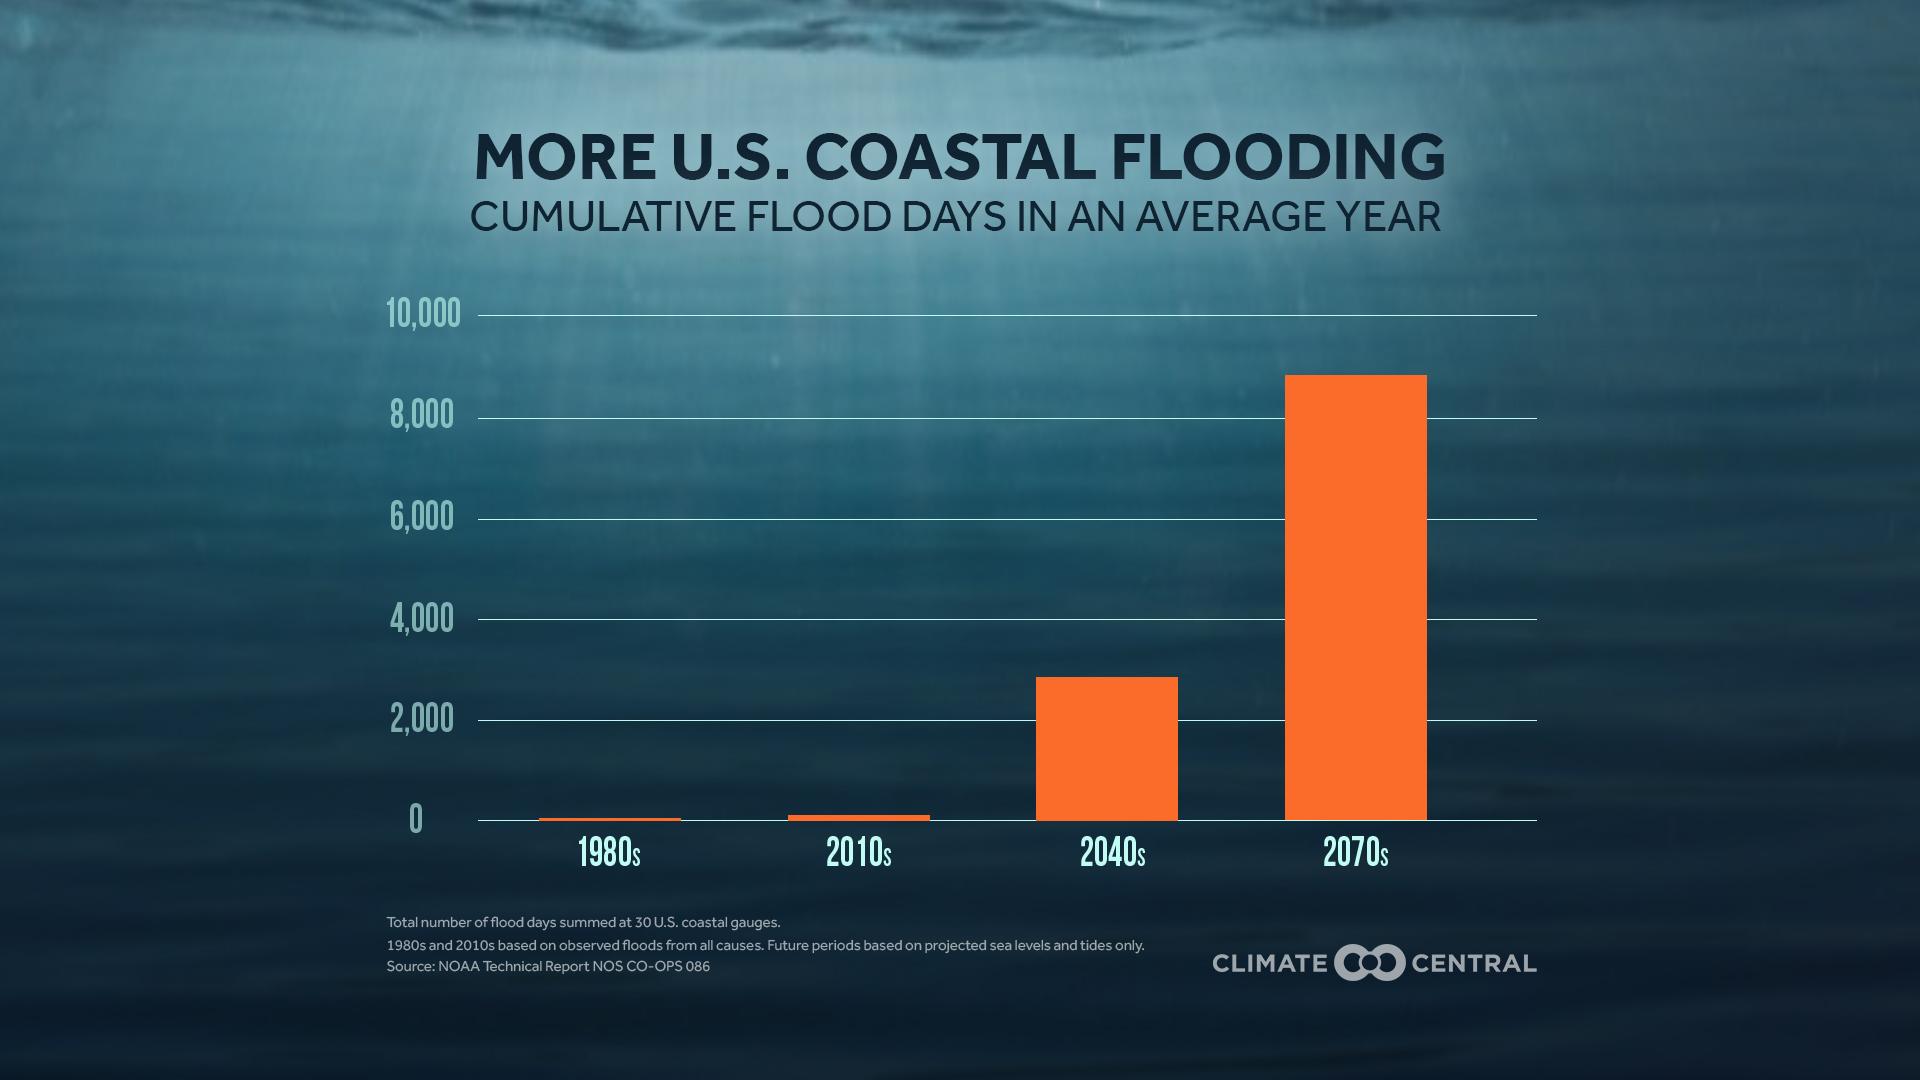 u.s. coastal flooding